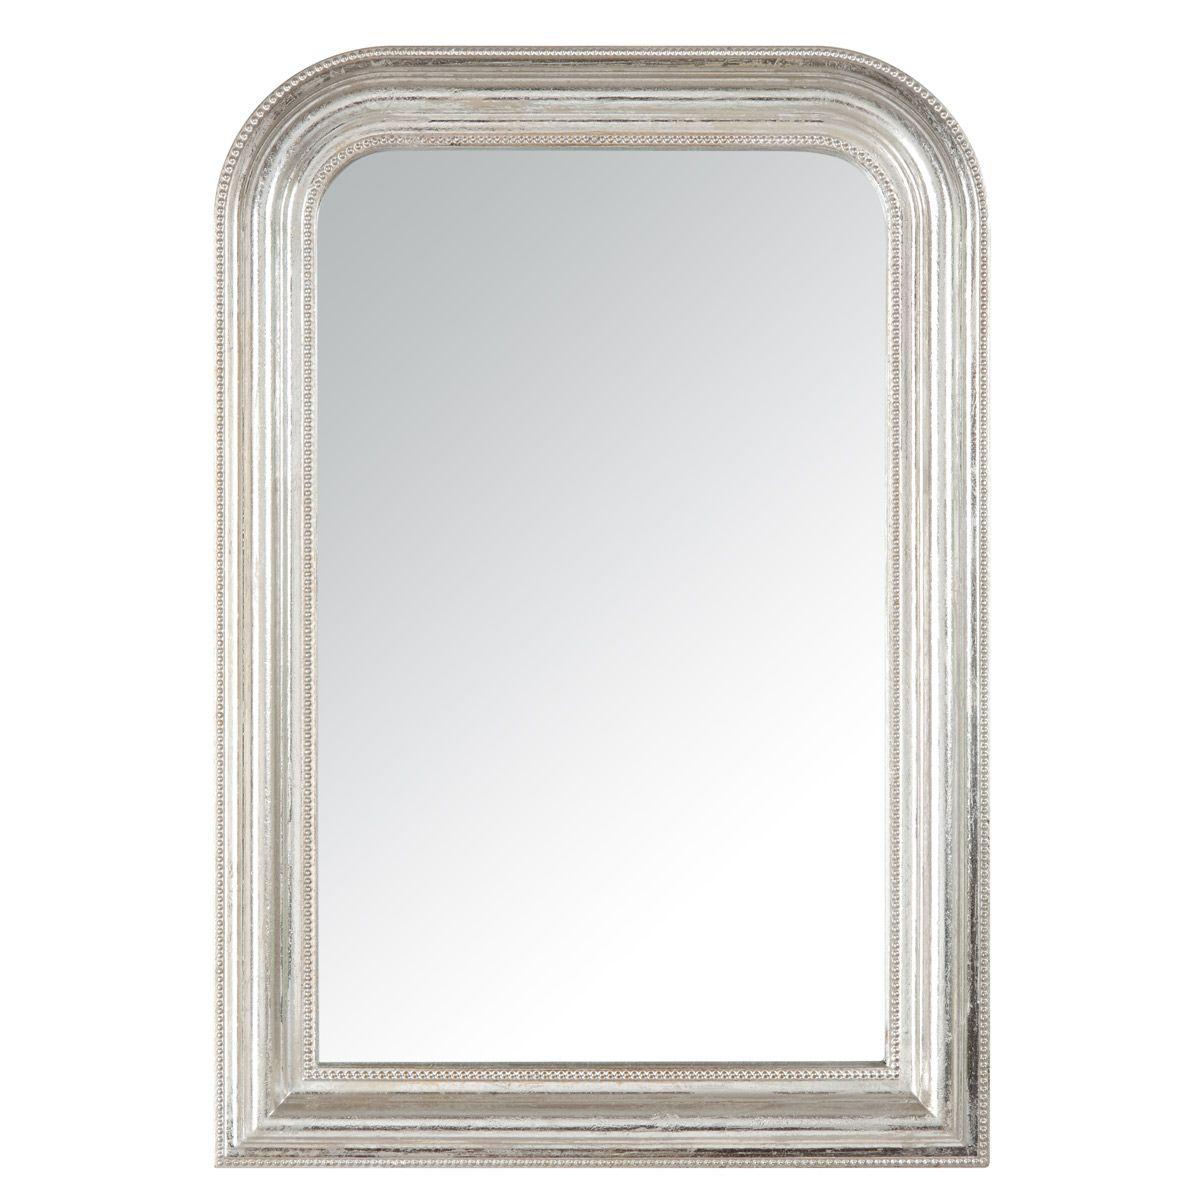 miroir argent dome perle petit mod le sb. Black Bedroom Furniture Sets. Home Design Ideas